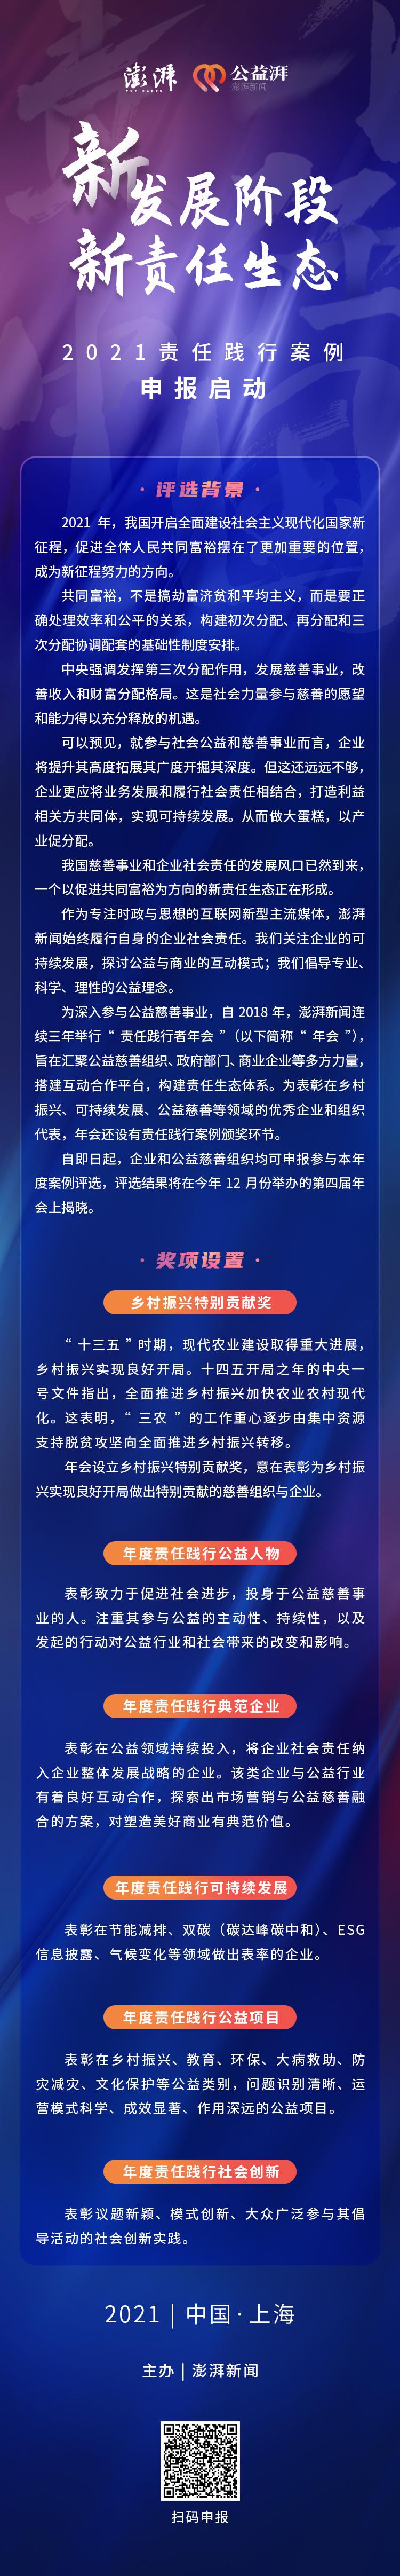 必晟娱乐平台注册:案例申报|第四届责任践行者年会将于2021年12月召开